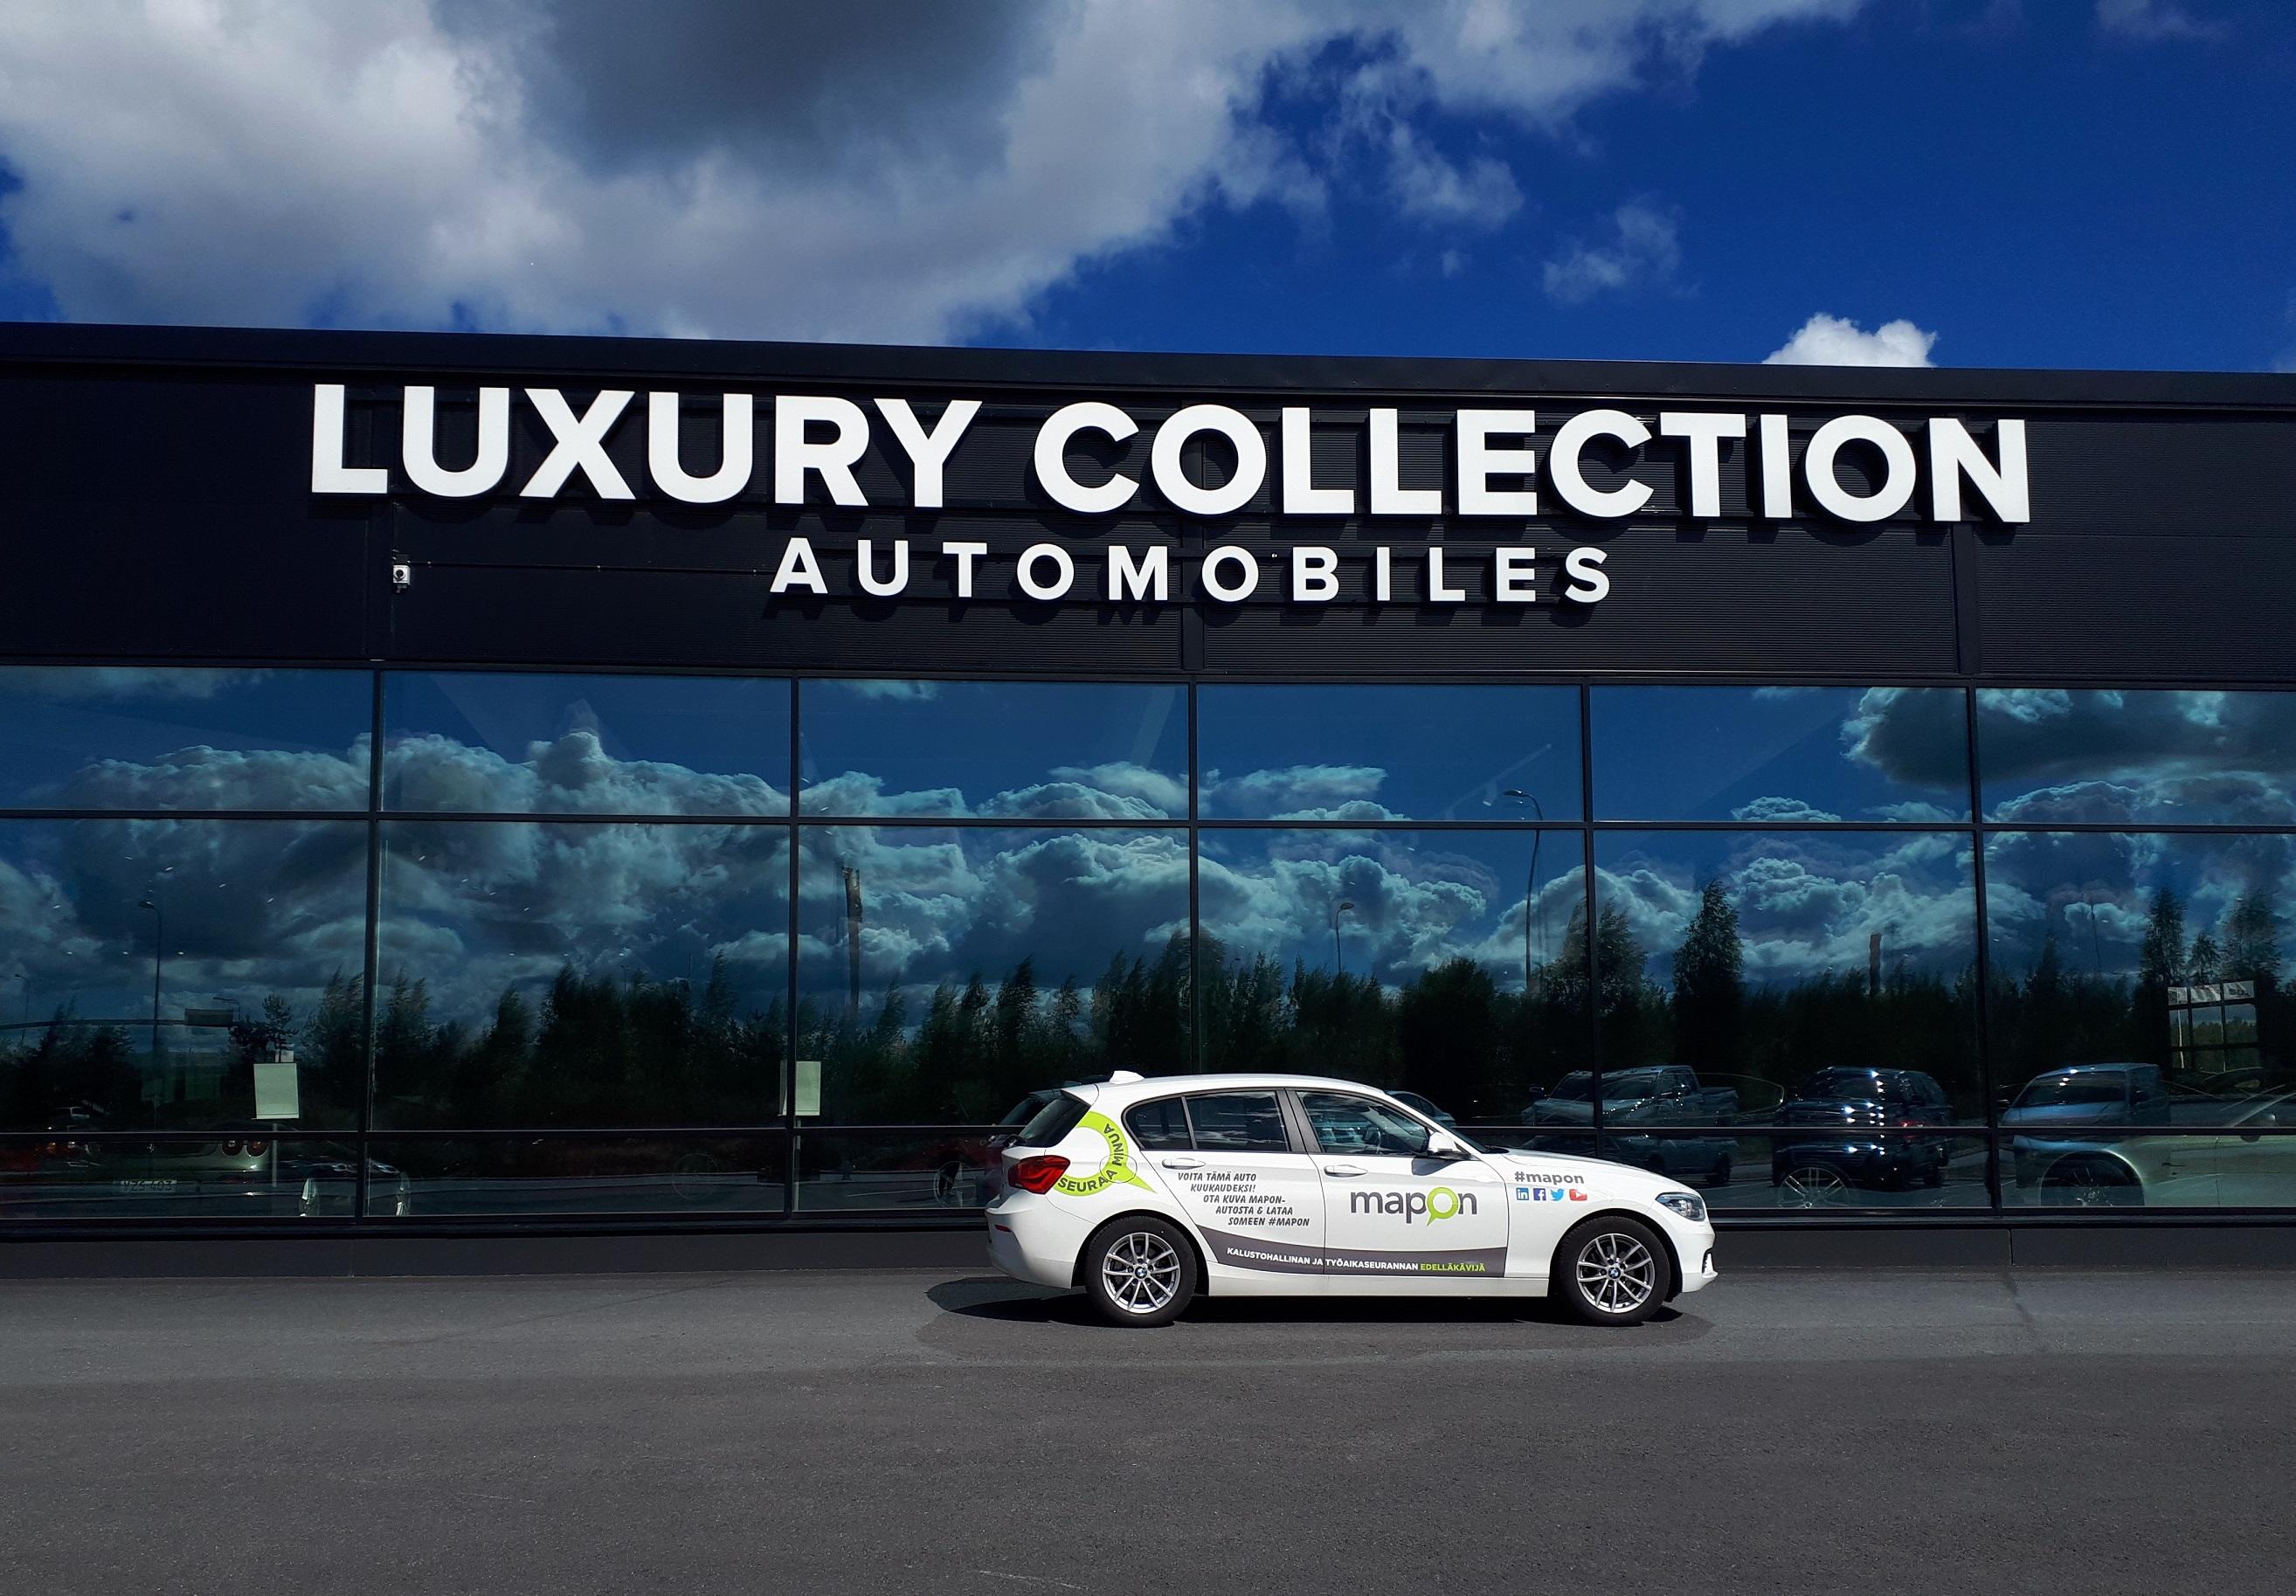 Luksusautotalon demoautoja varmennetaan Mapon-palvelulla – Haastattelussa johtaja Esa Schroderus